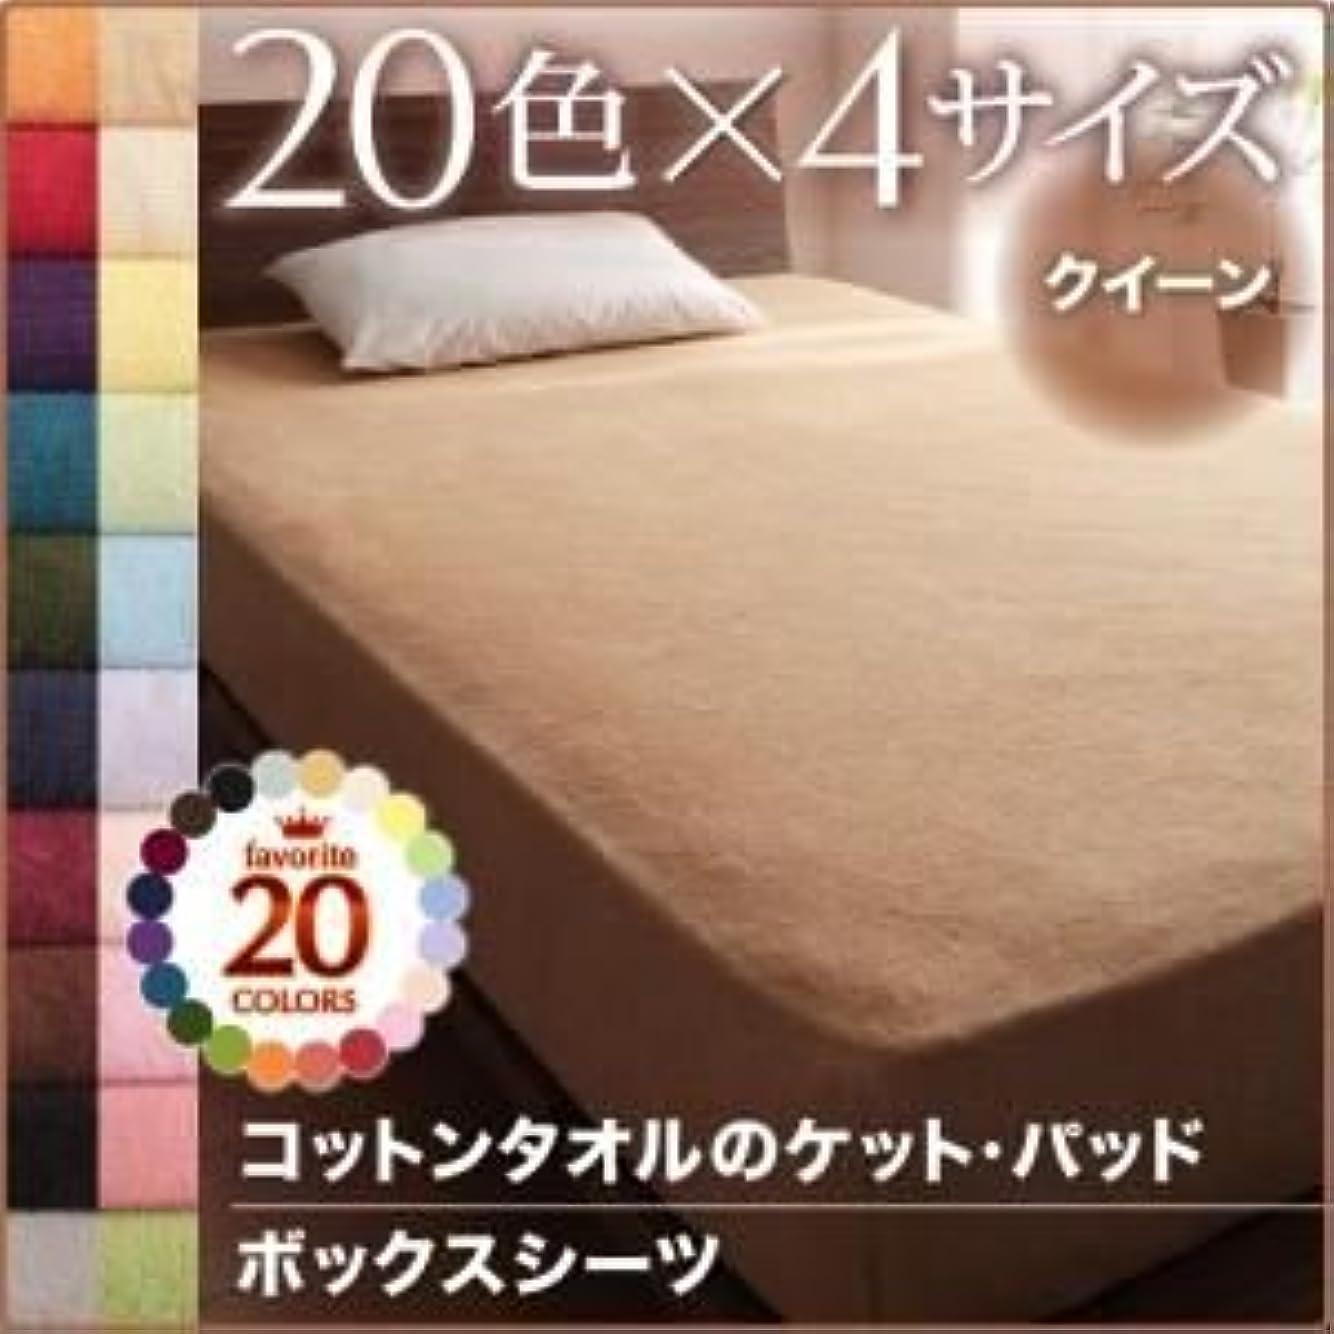 プレゼントさまよう手つかずの【単品】ボックスシーツ クイーン ナチュラルベージュ 20色から選べる!365日気持ちいい!コットンタオルボックスシーツ